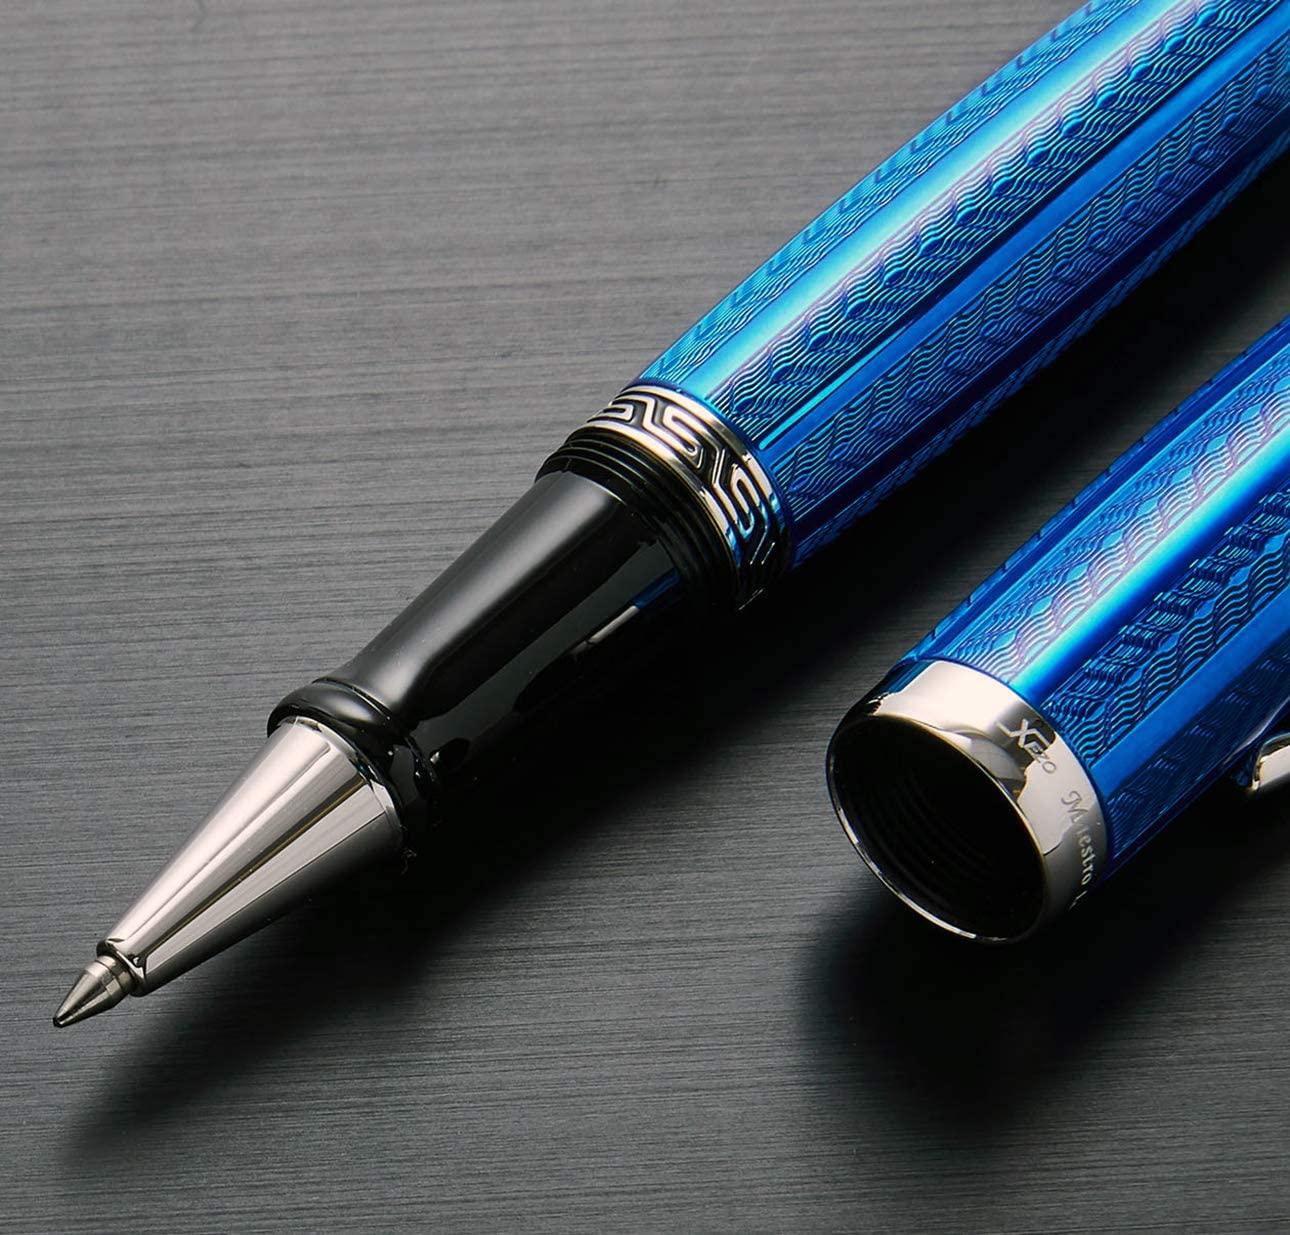 Xezo Maestro Diamond Cut, Lacquered, Handcrafted Platinum Plated Fine Rollerball Pen, Tanzanite Blue (Maestro LG Tanzanite R)